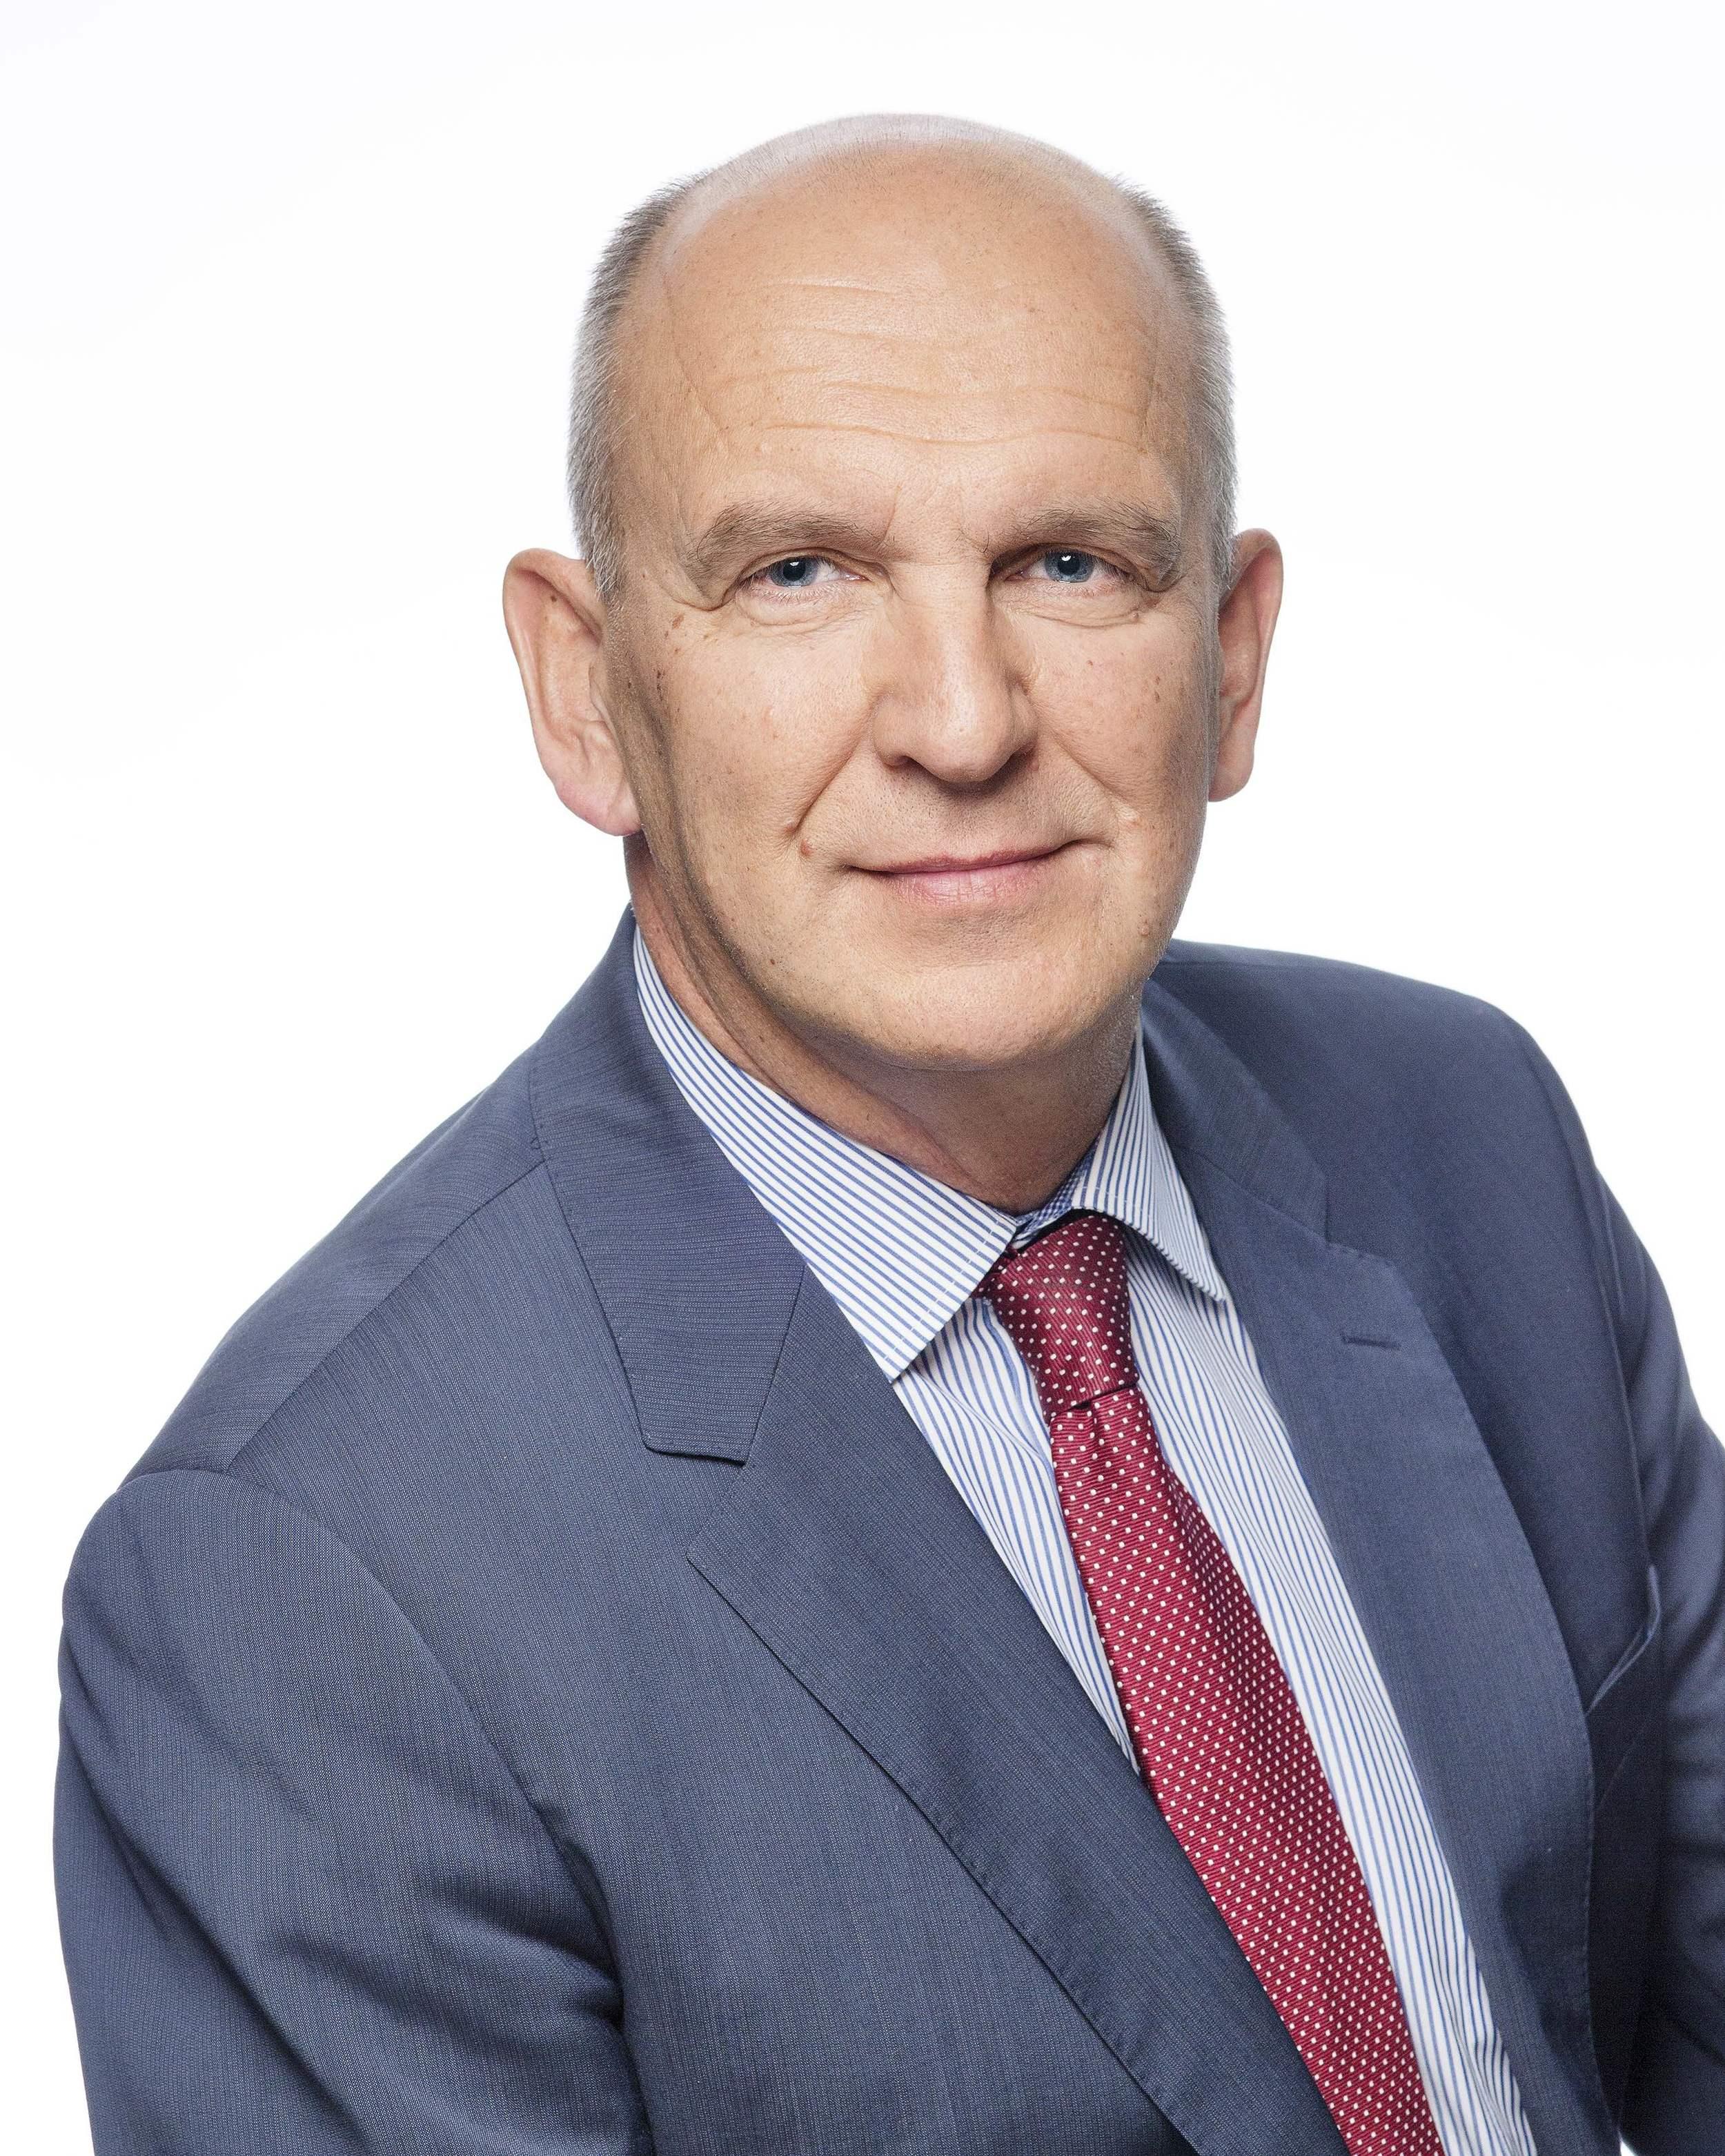 Старший вице-президент по корпоративным связям и коммуникациям